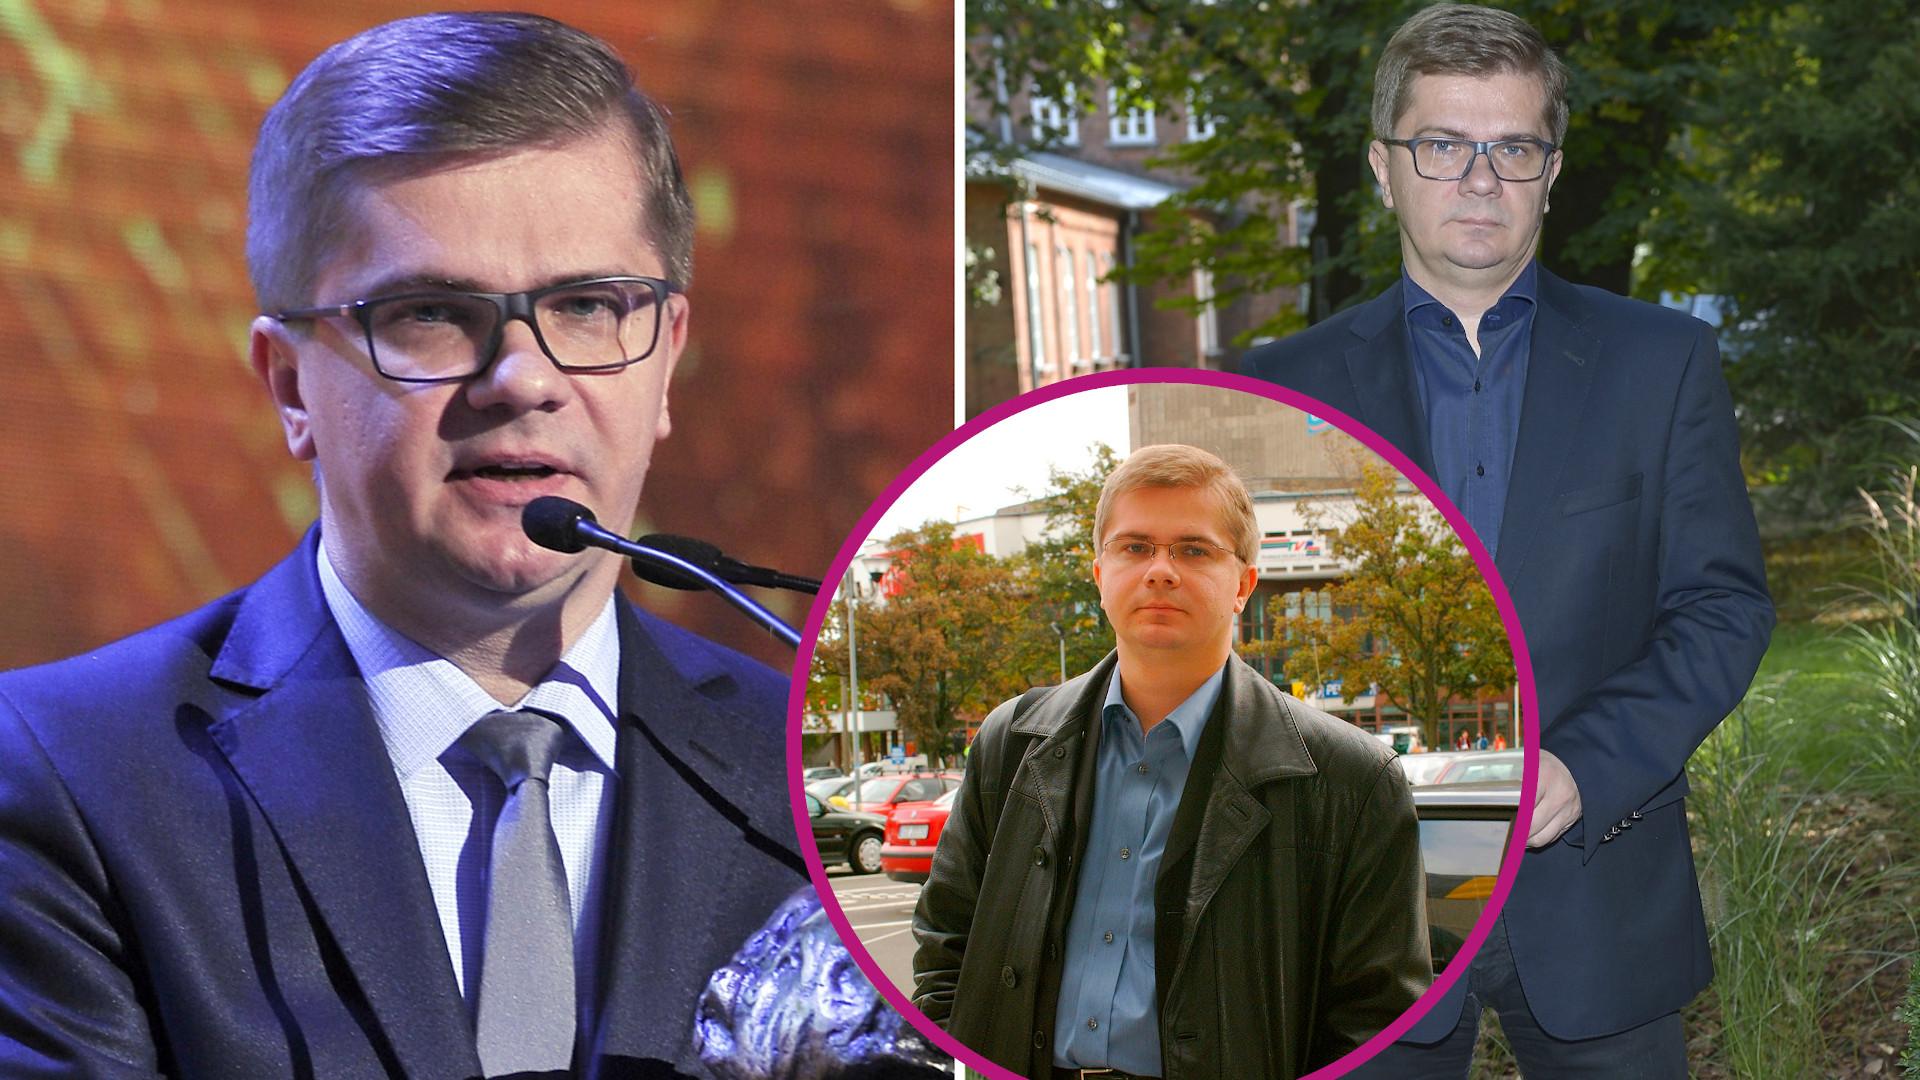 Kim jest Sylwester Latkowski? Miał problemy z prawem i odsiadywał wyrok